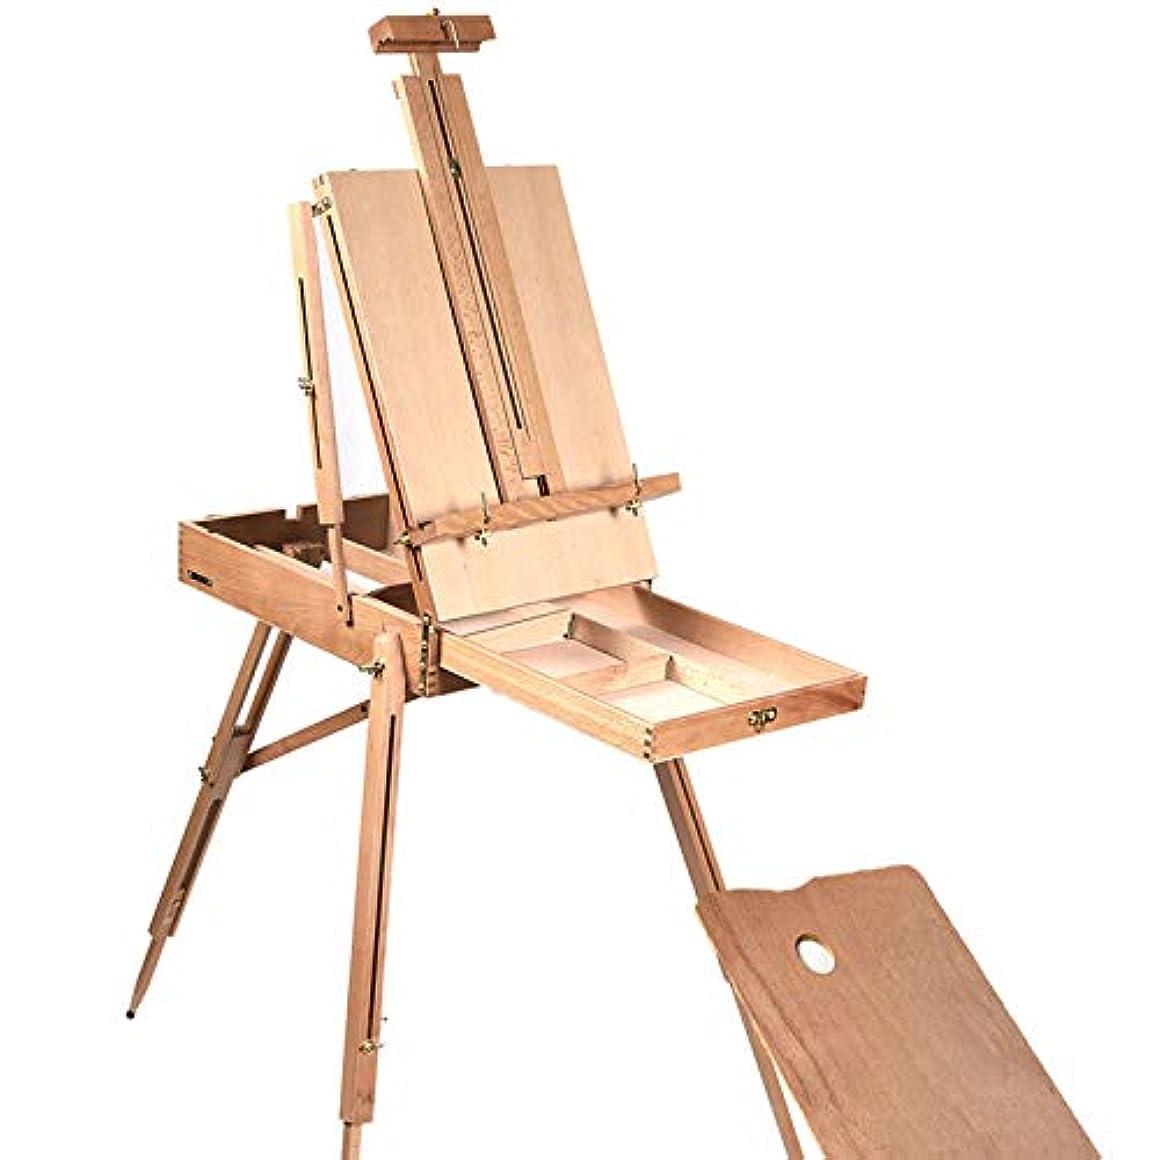 ボード軸多数のポータブル折りたたみ耐久イーゼル木製スケッチボックスアーティスト画家三脚絵画用品イーゼル